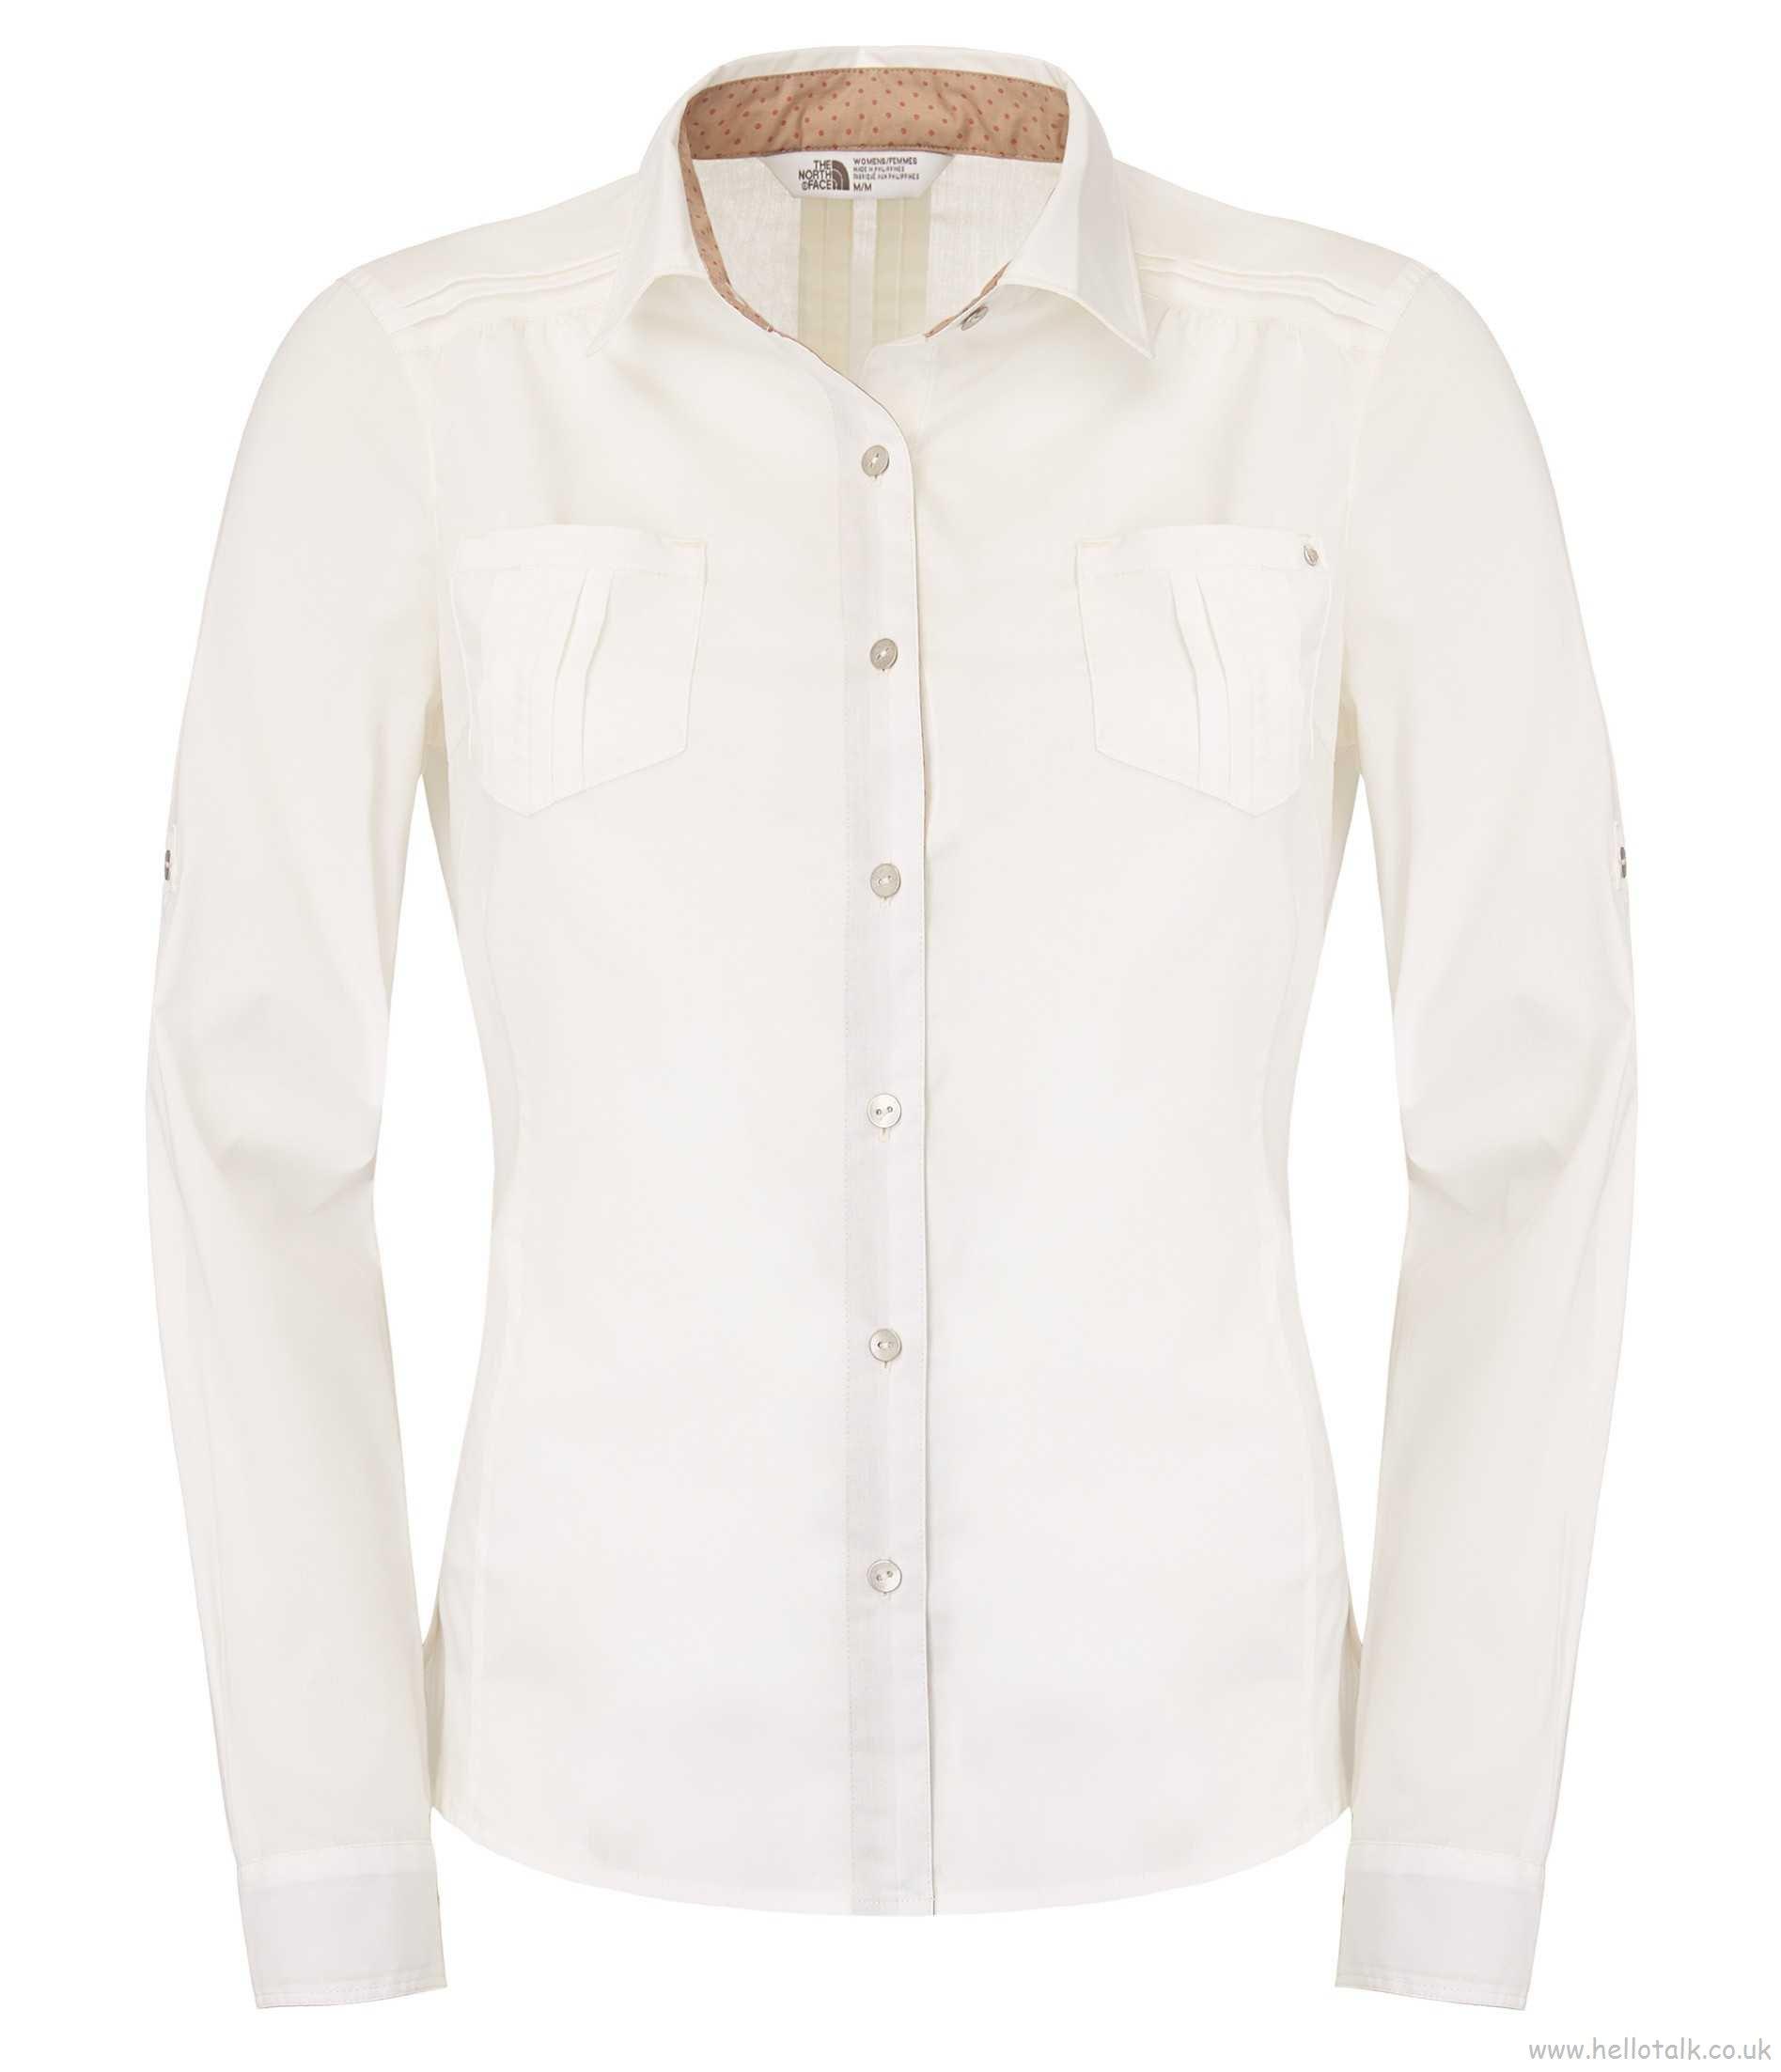 חולצת נשים אופנתית נורט פייס מדגם The North Face Women plaid shirt gardenia white